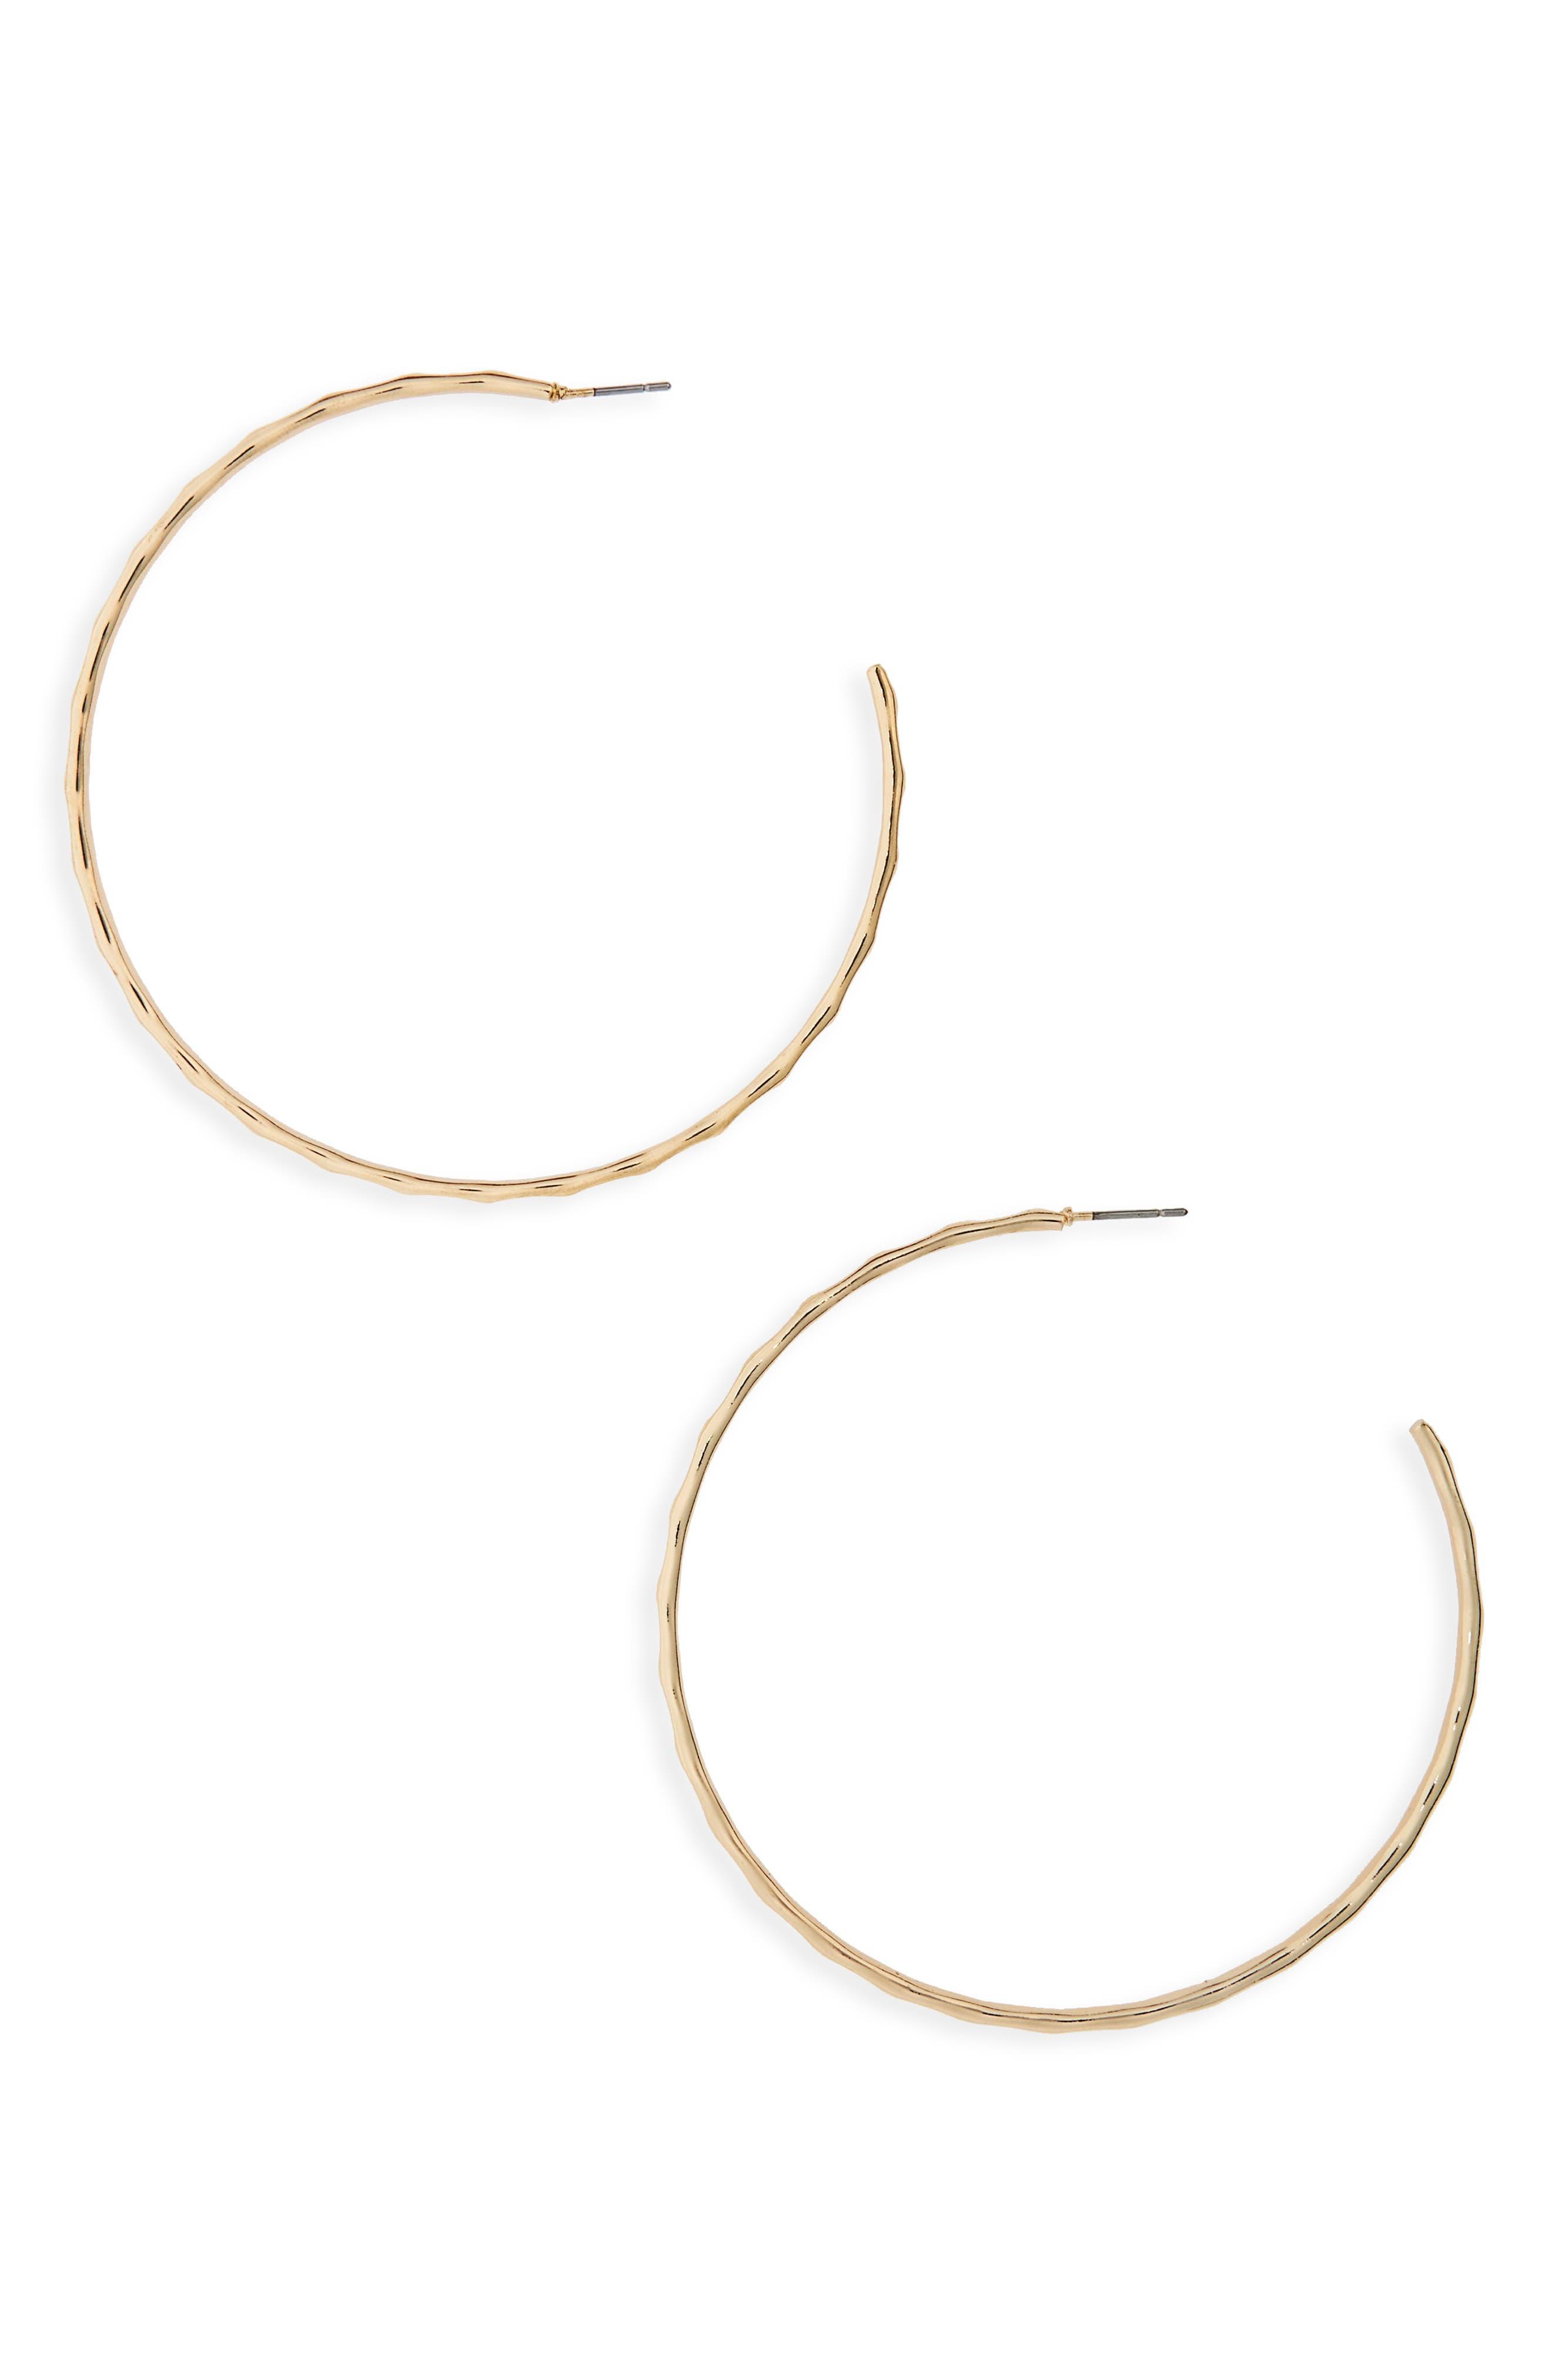 Alternate Image 1 Selected - BP. Textured Hoop Earrings